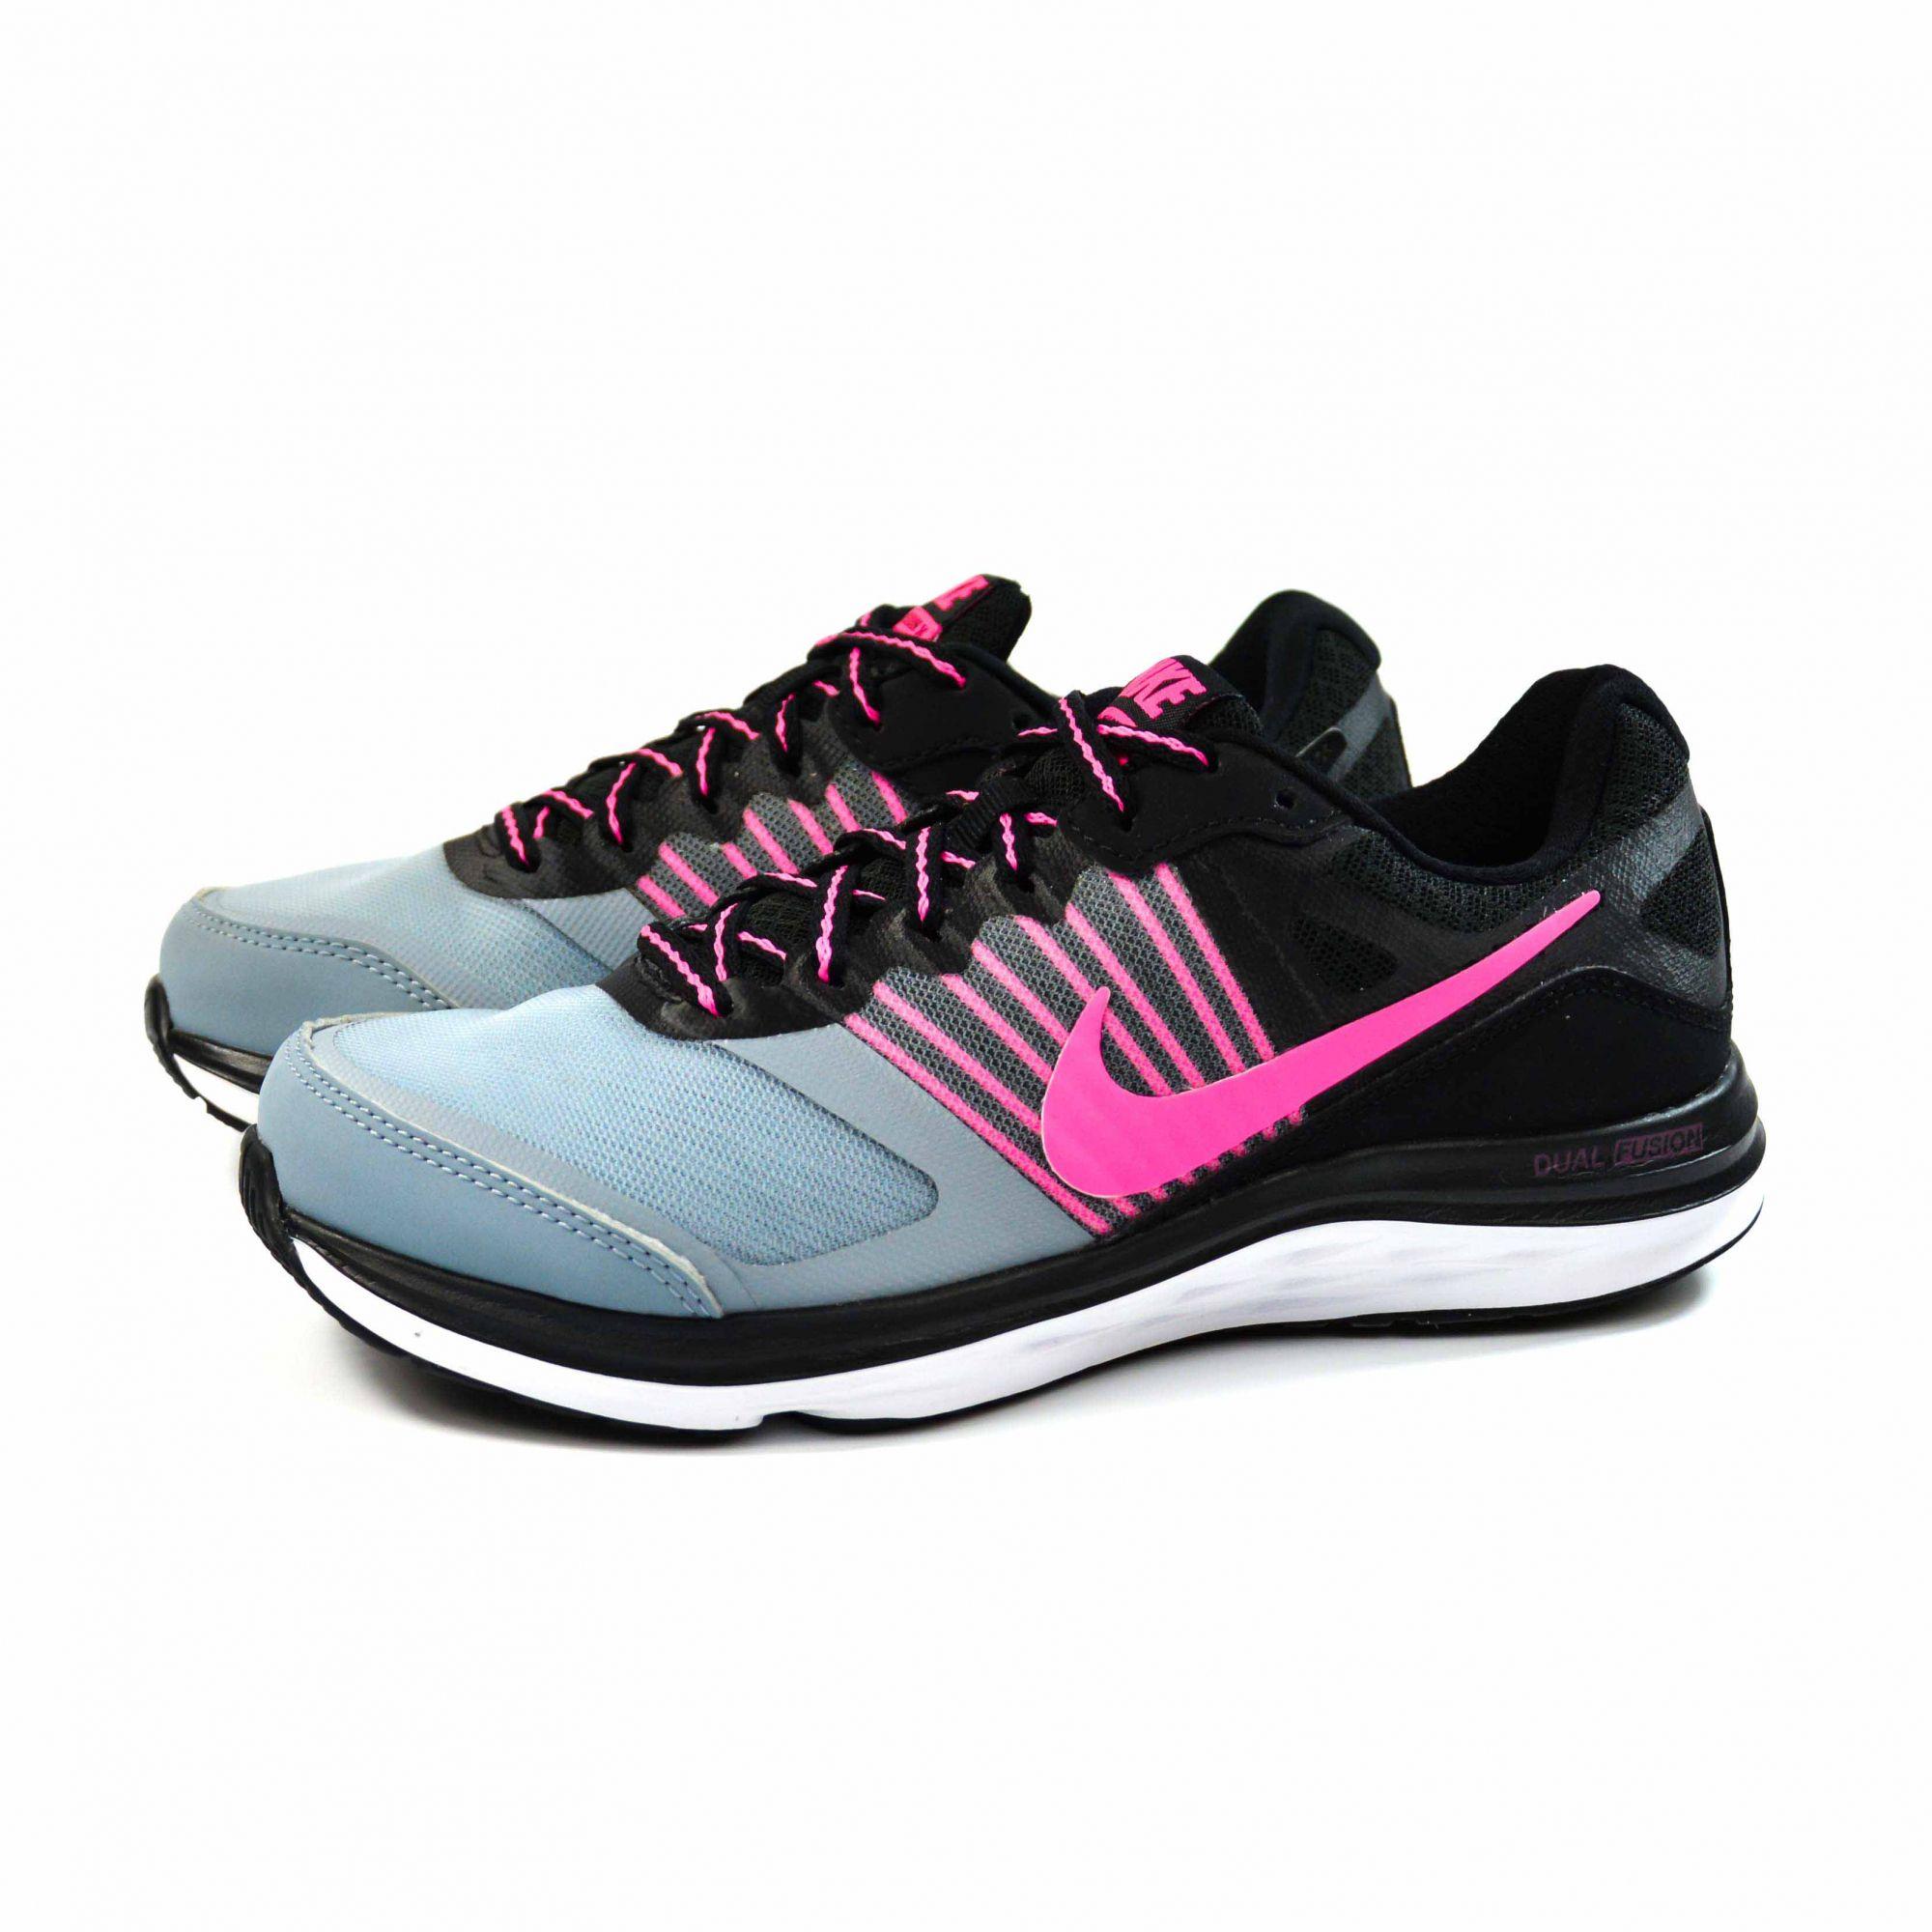 Tenis Dual Fusion X Msl Cinzapretorosa Nike 9130